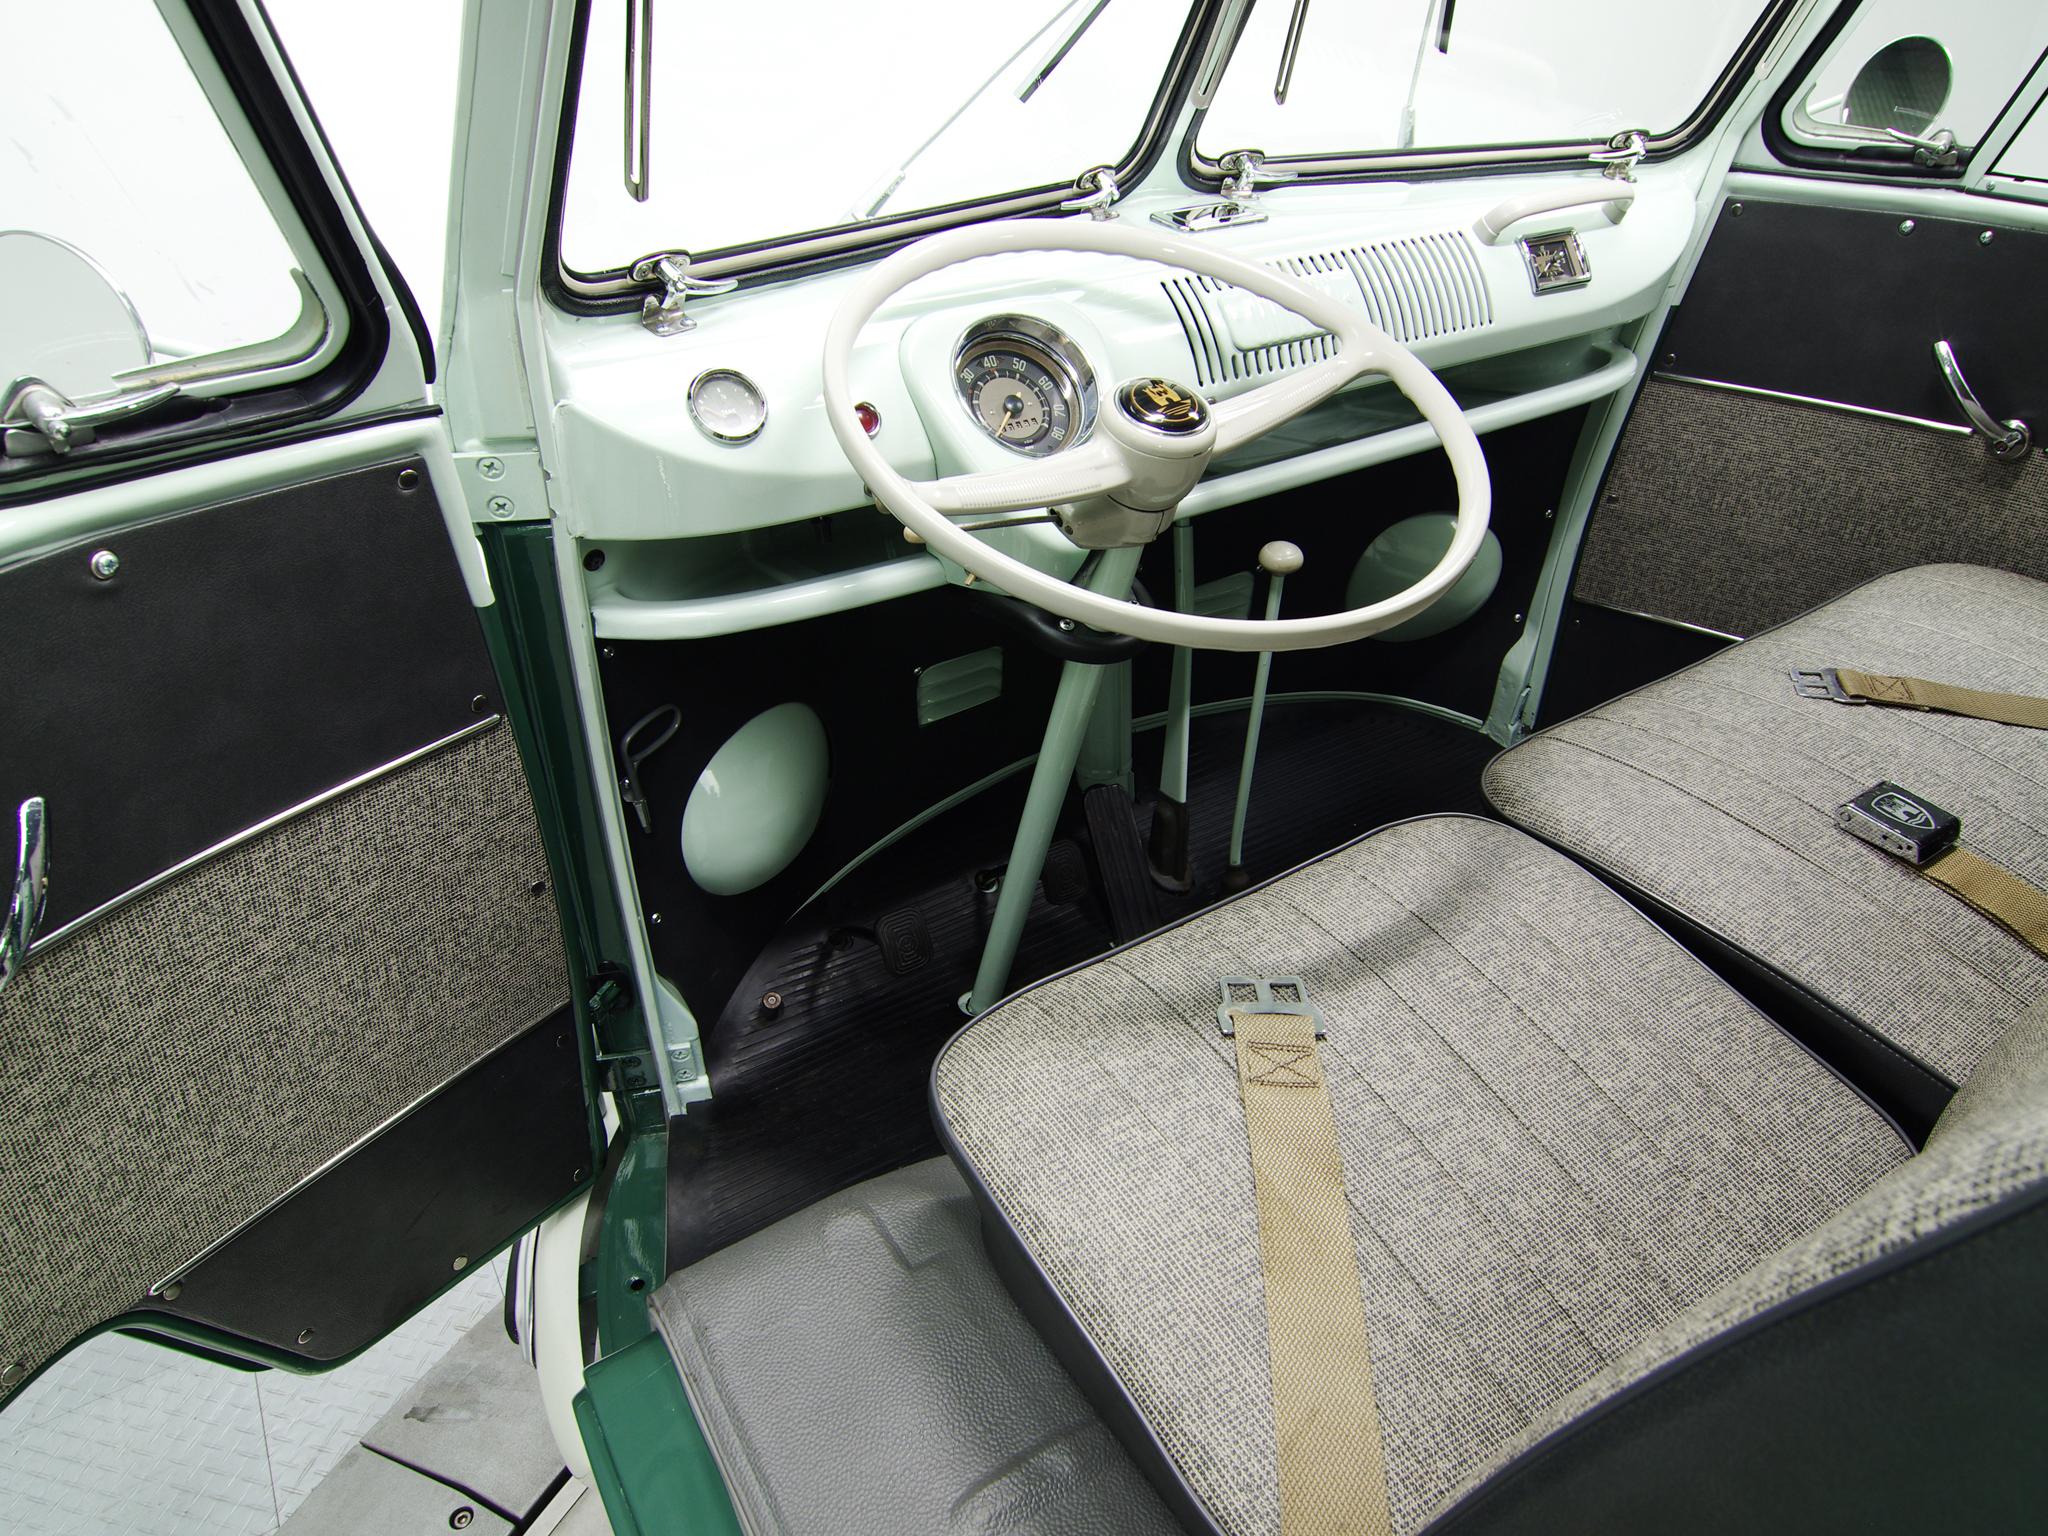 Салон Volkswagen T1 Deluxe Bus. 1958 - 1966 годы